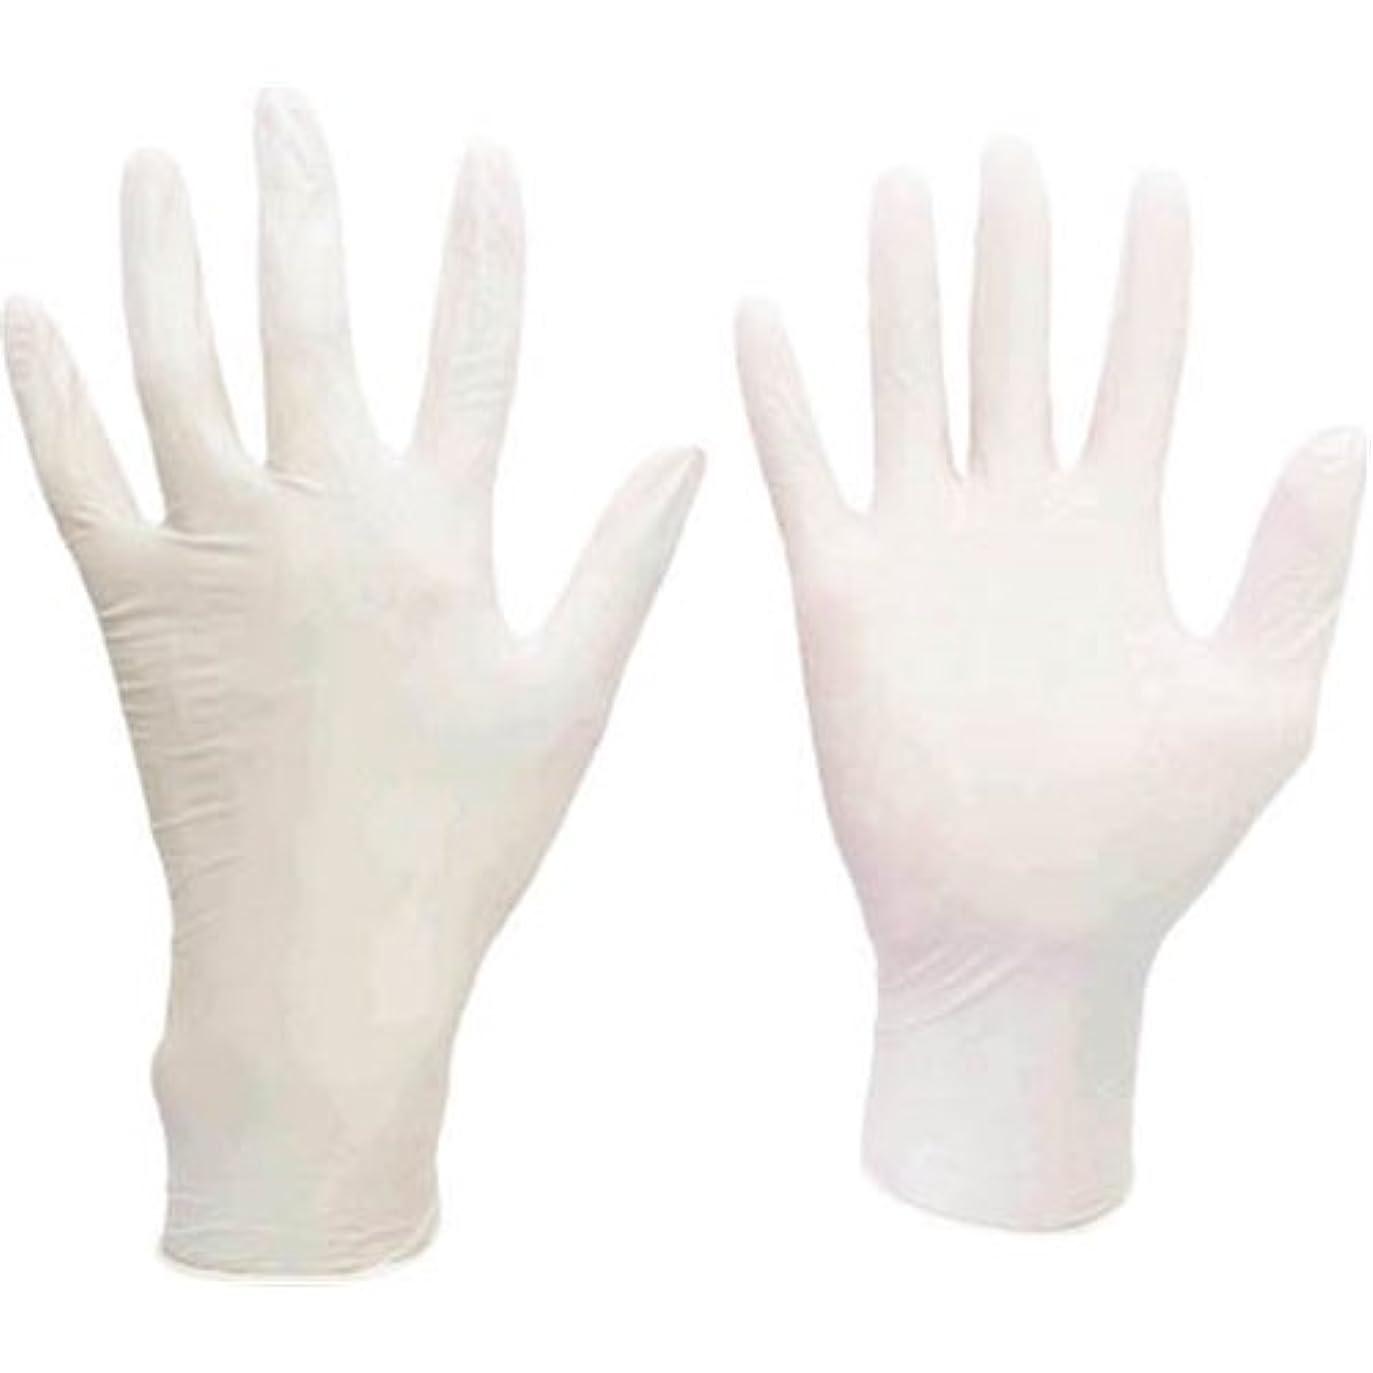 第四優越鳴らすミドリ安全/ミドリ安全 ニトリル使い捨て手袋 極薄 粉なし 100枚入 白 L(3889068) VERTE-711-L